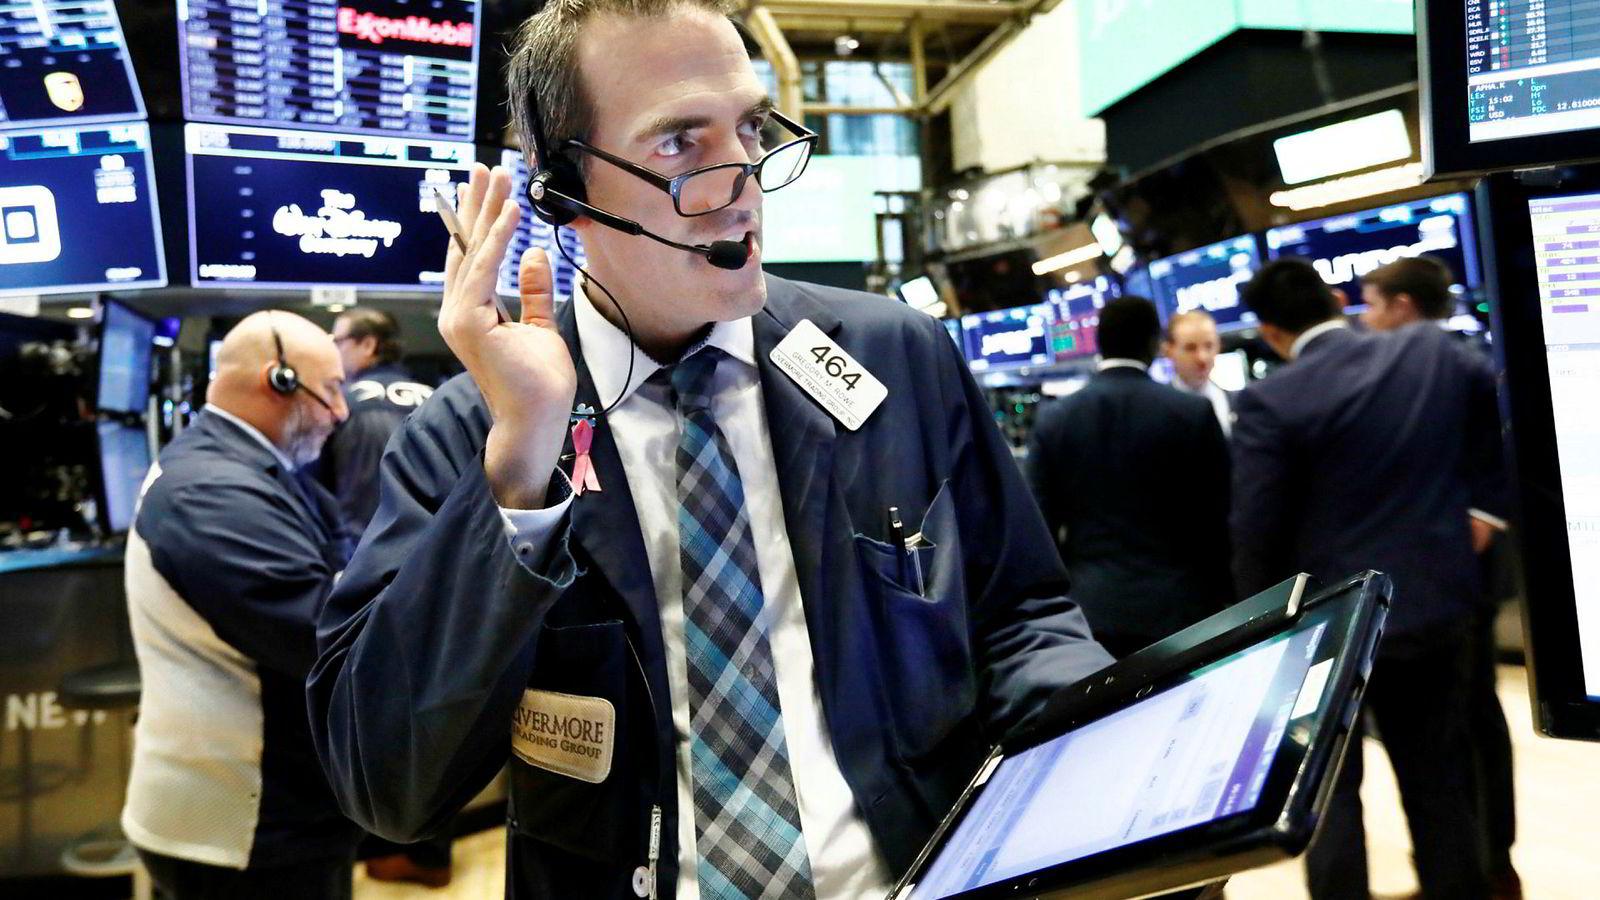 Børsfallet i oktober rammet det amerikanske aksjemarkedet bredt, men det har gått særdeles hardt utover de mindre selskapene. Det gjør at en av de viktigste børsindeksene i USA nå er millimeter ifra å utløse et særdeles kraftig salgssignal.